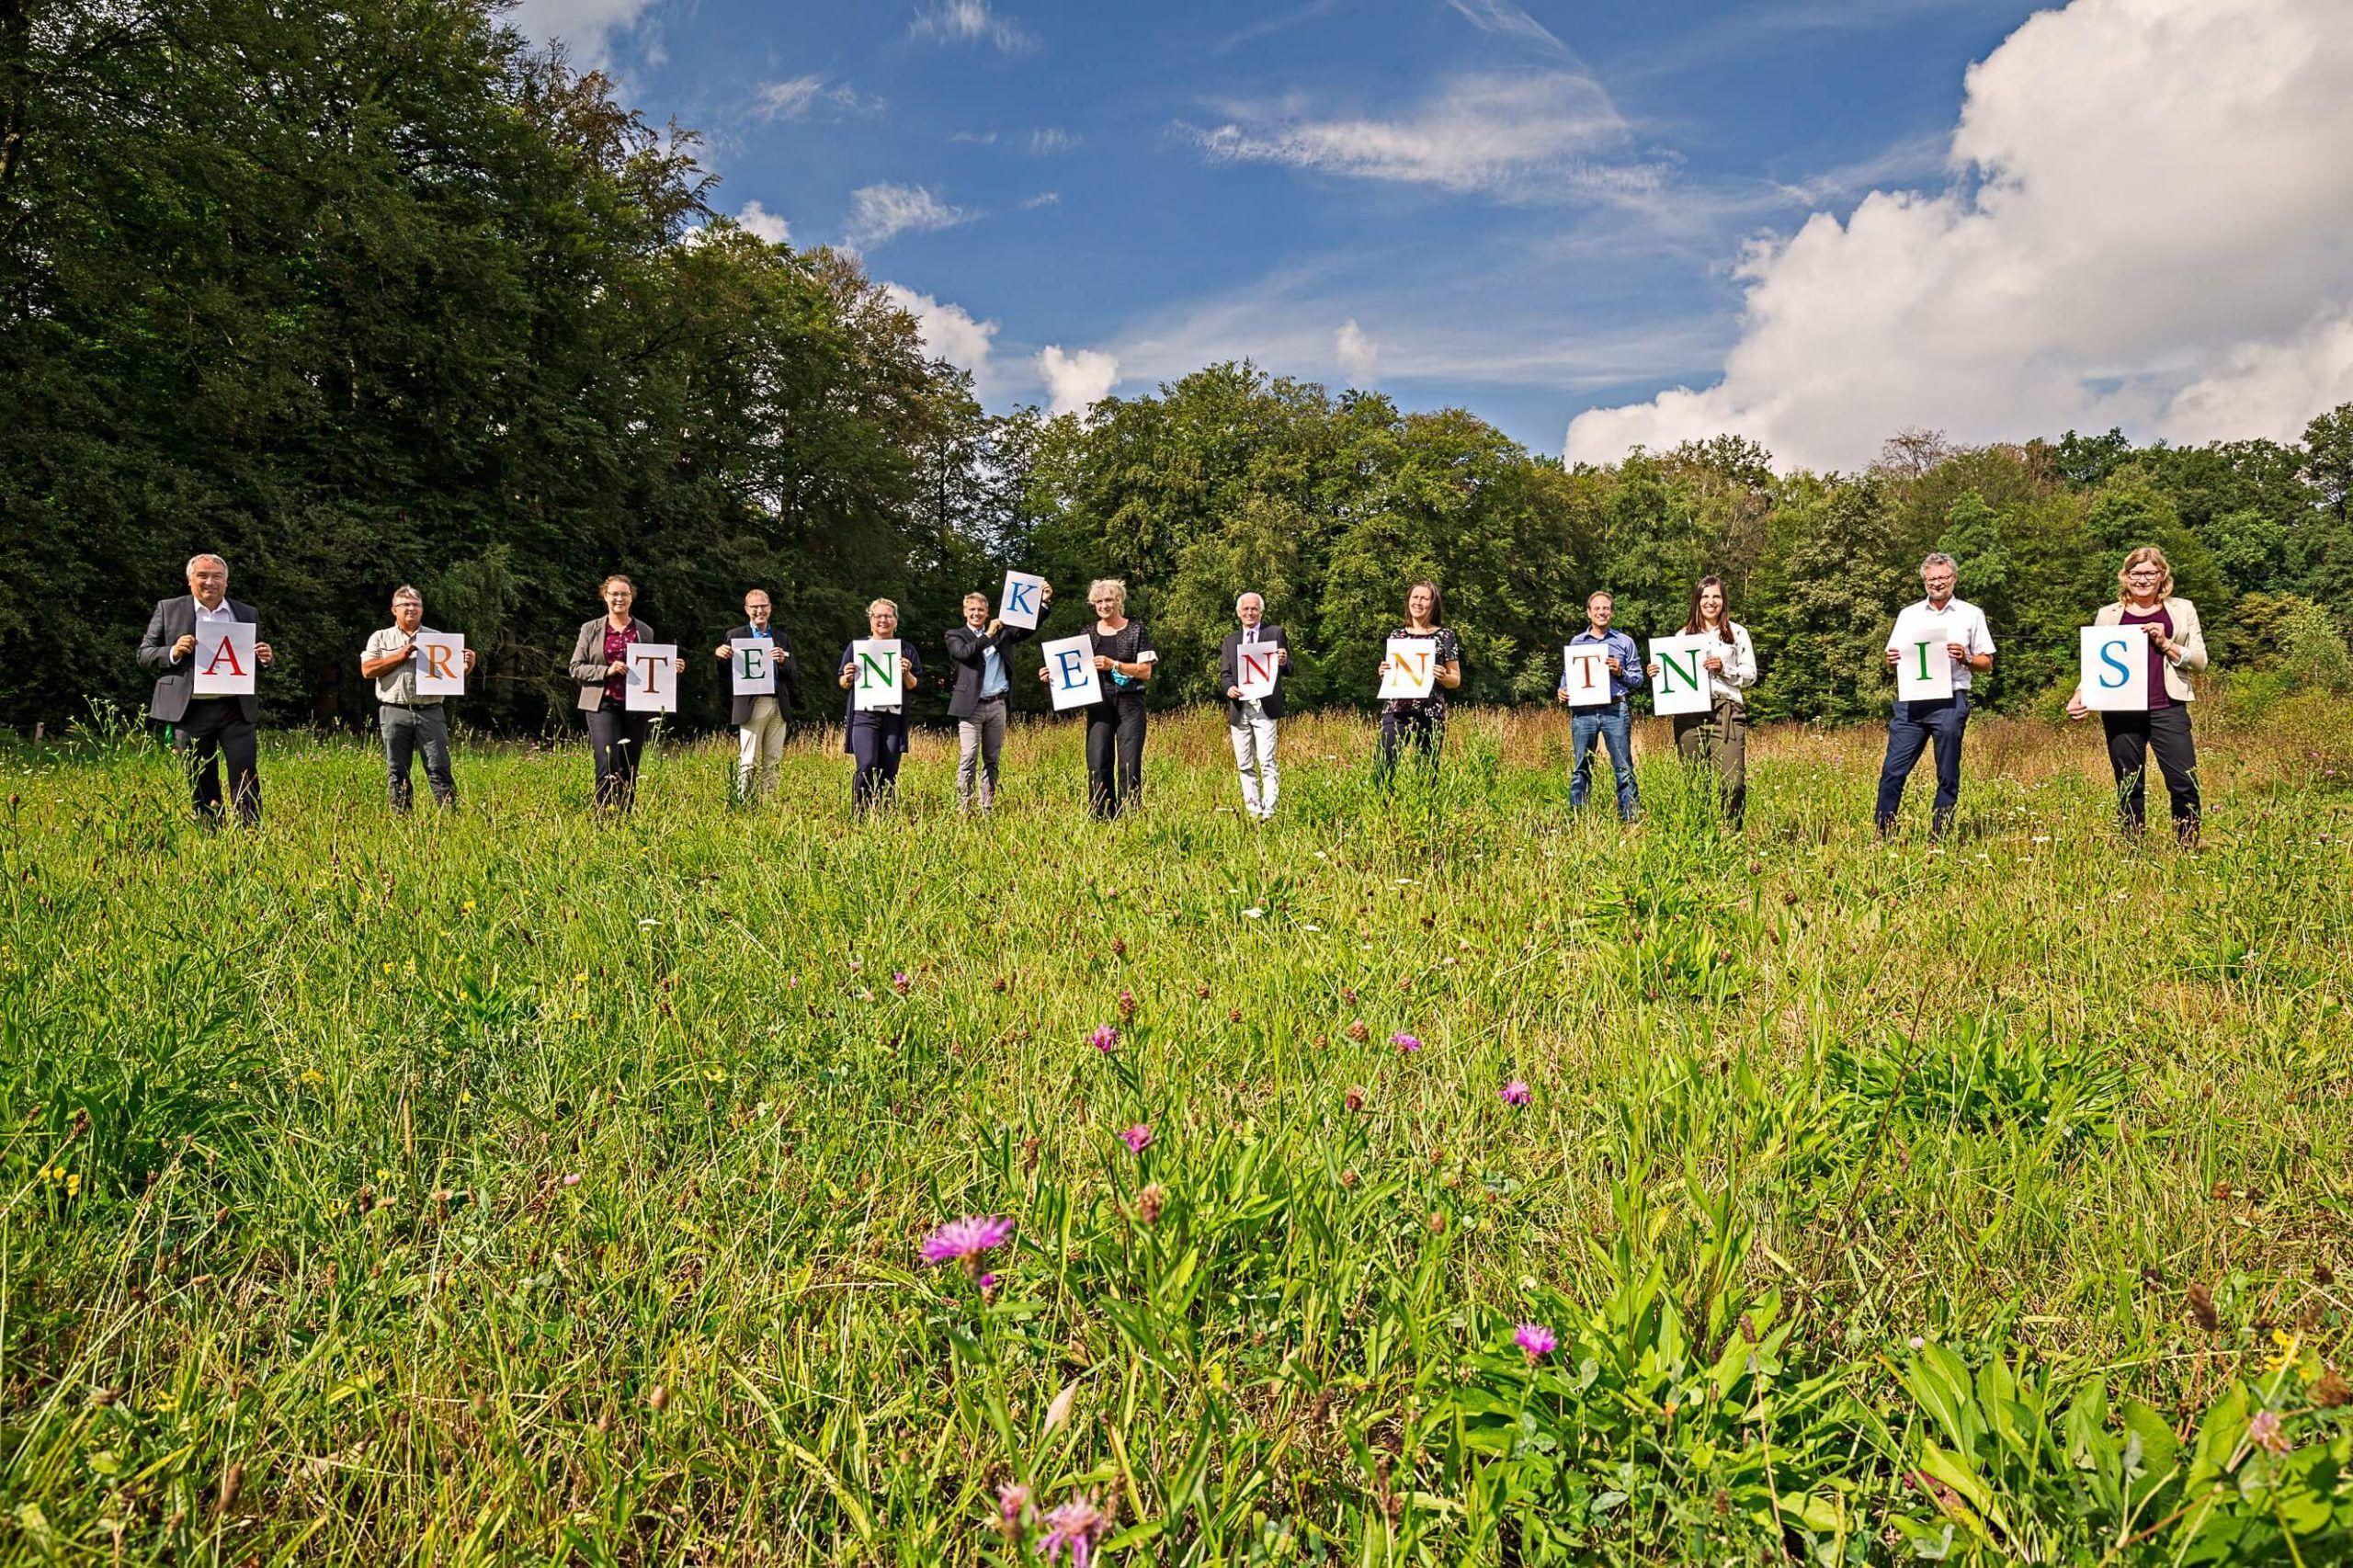 Die dreizehn Anwesenden halten jeweils einen Buchstaben in den Händes und bilden so das Wort Artenkenntnis.